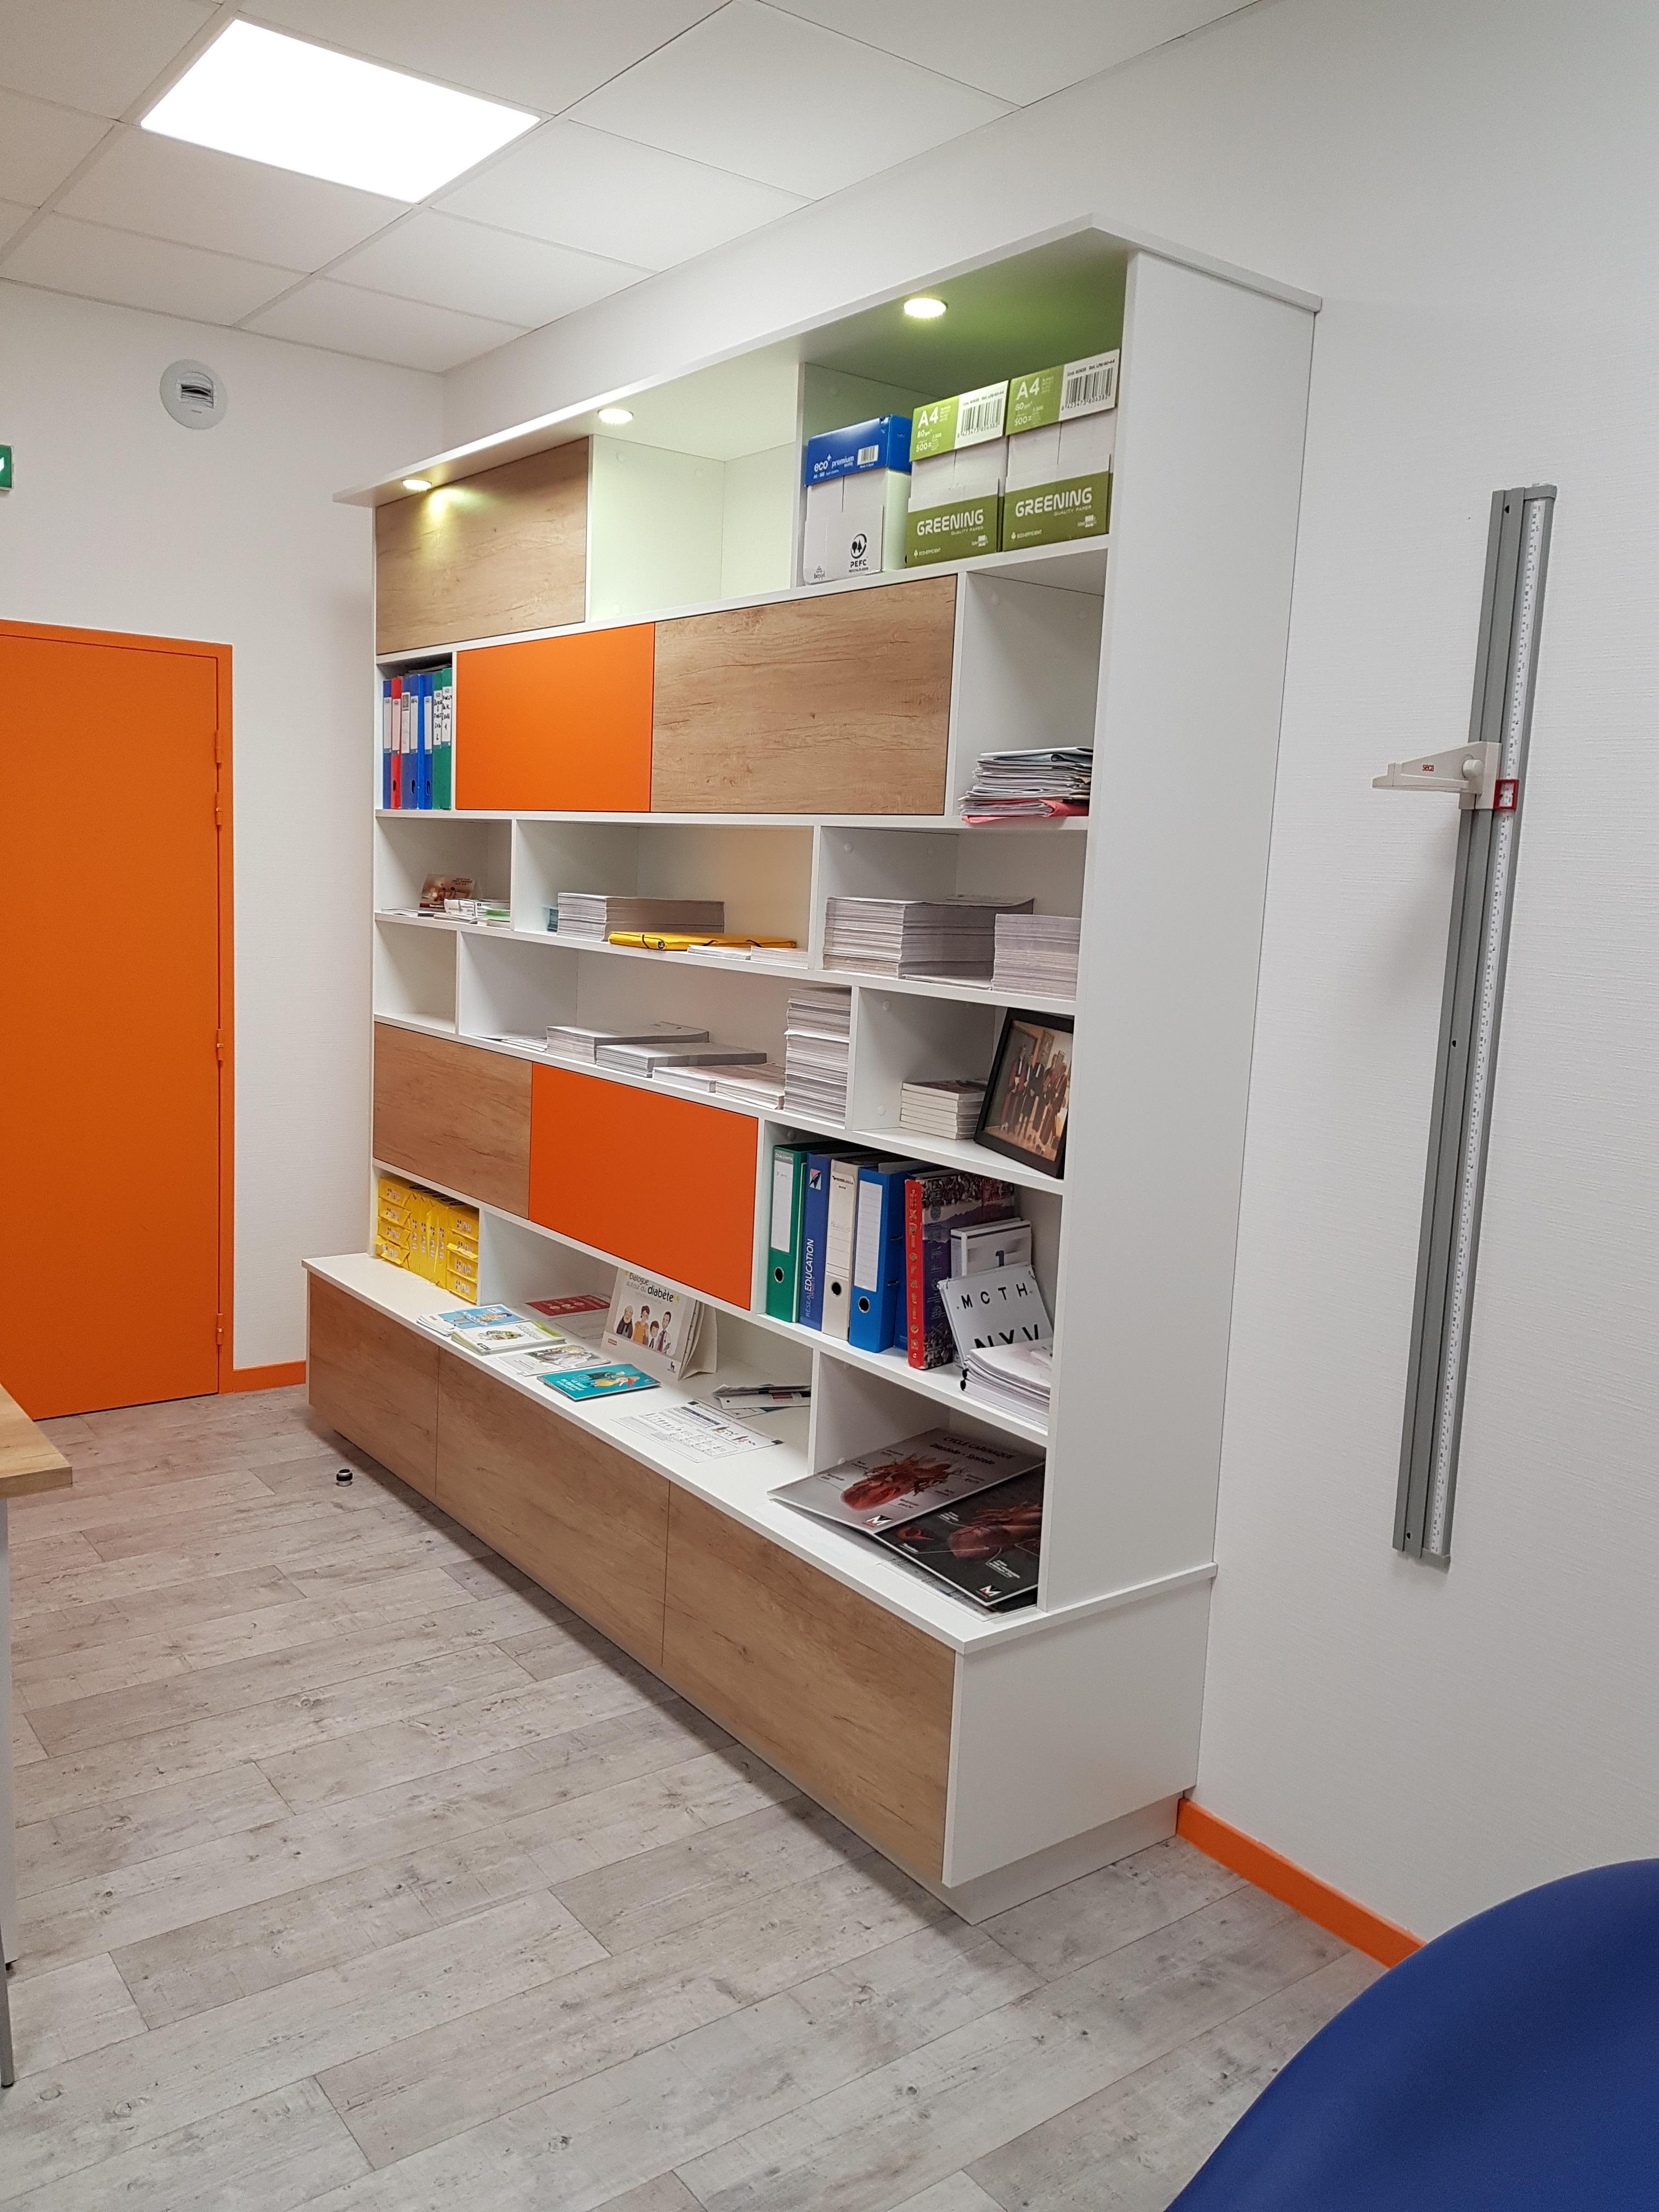 Am nagement d un bureau md design for Amenagement d un bureau